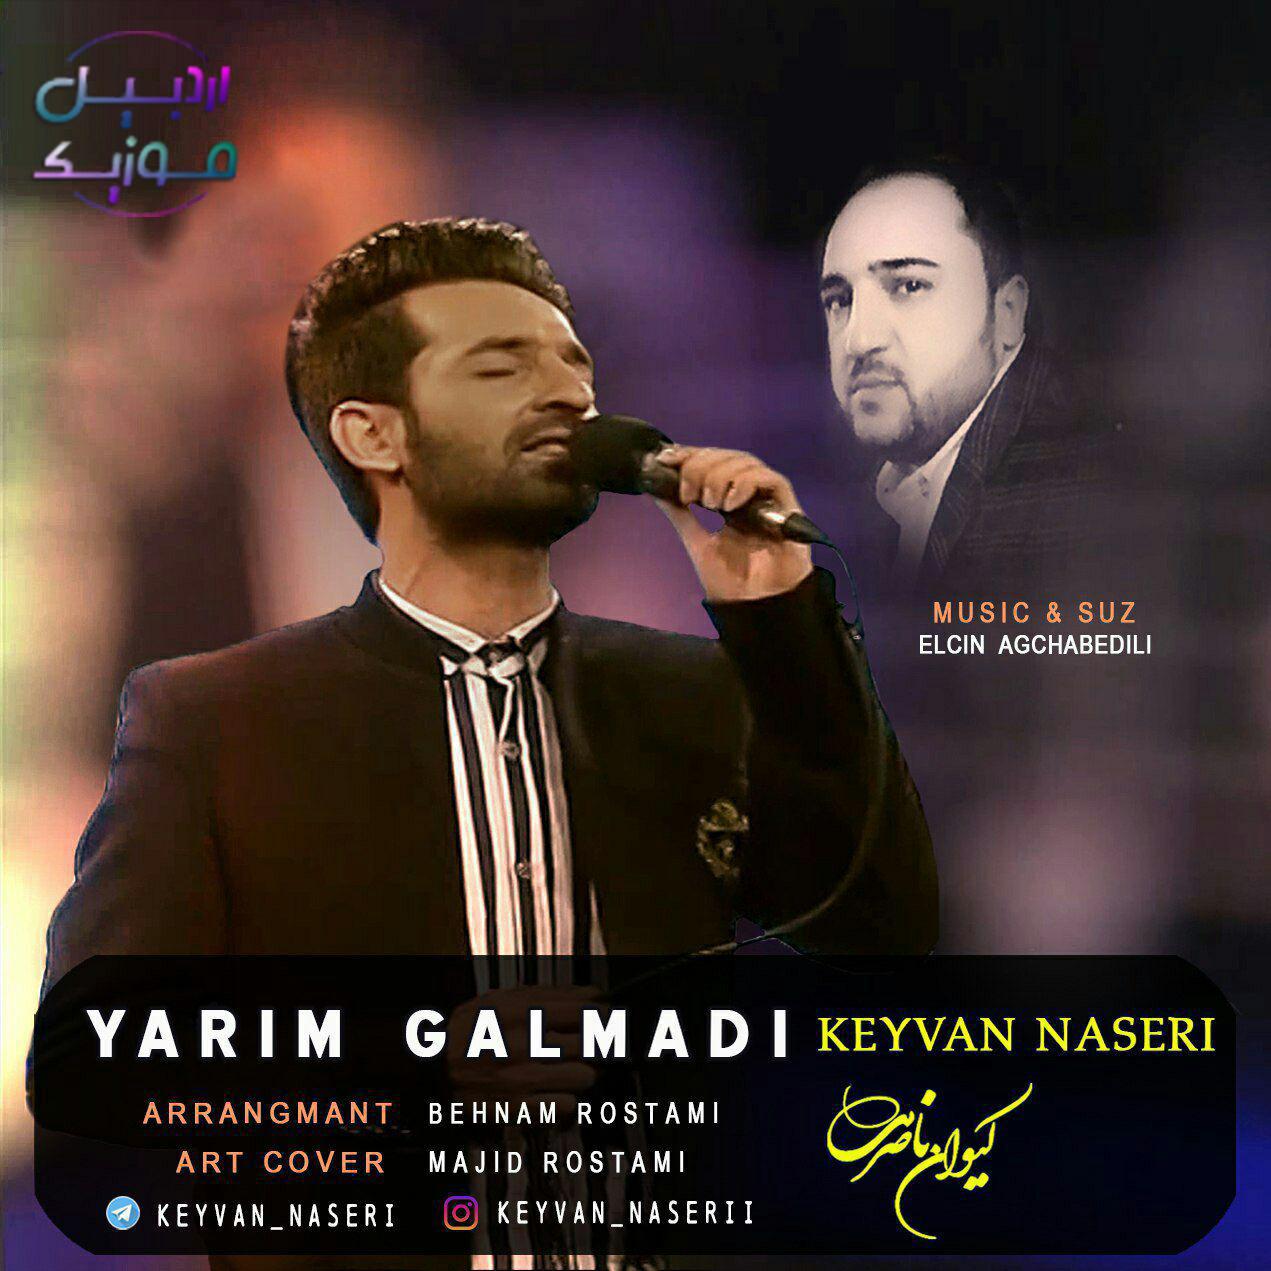 دانلود آهنگ جدید کیوان ناصری به نام یاریم گلمدی